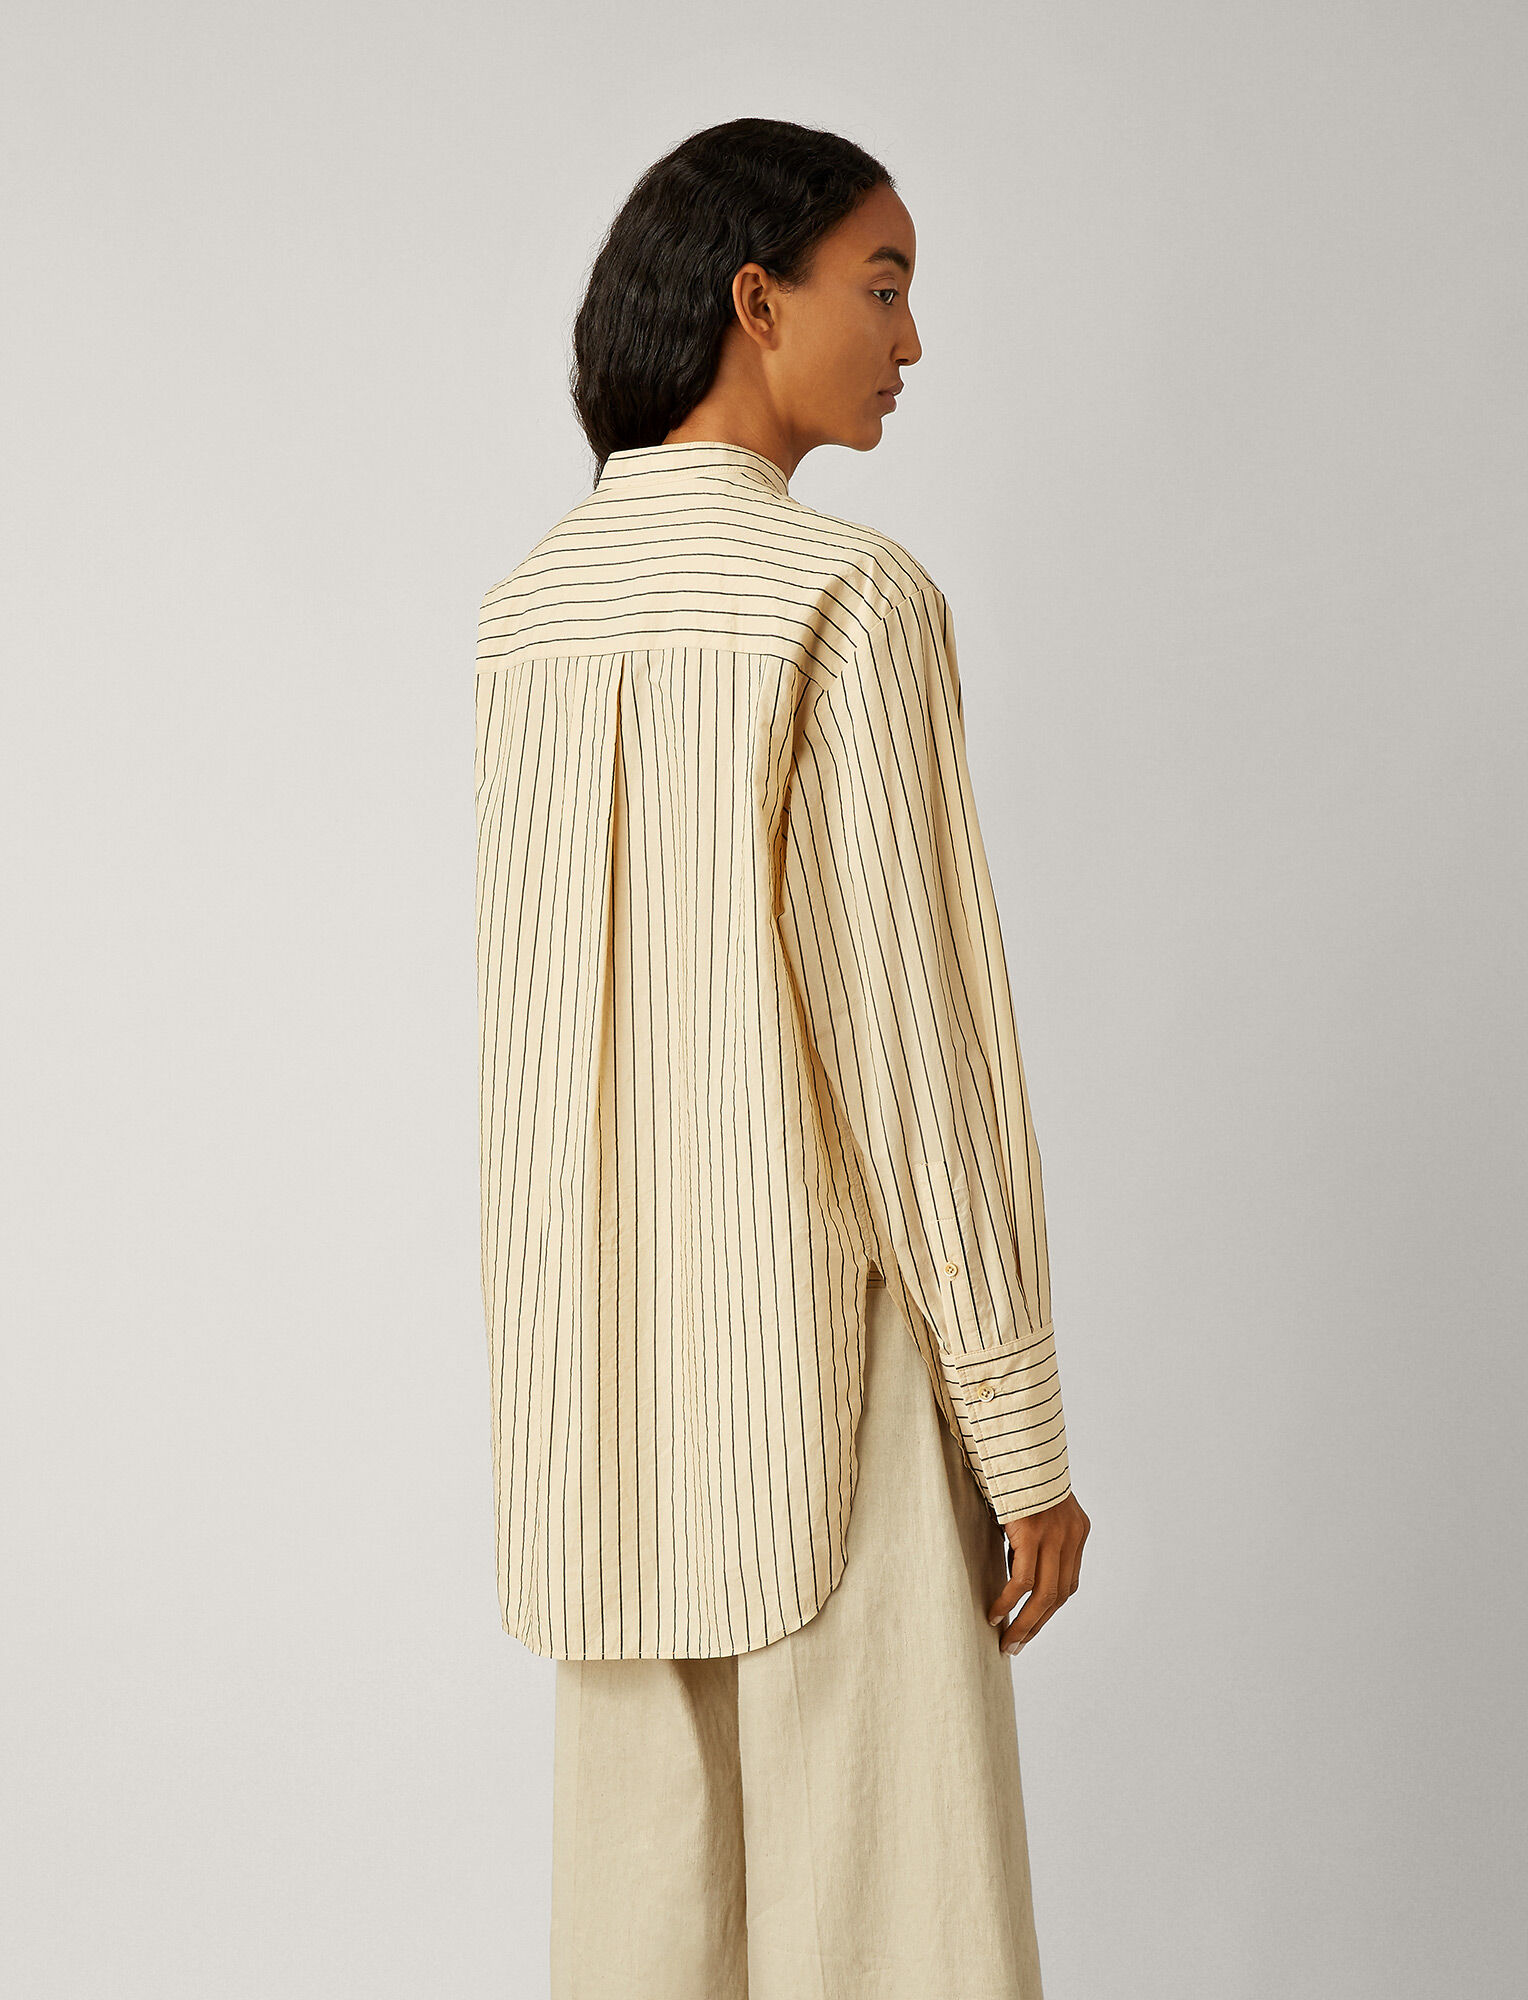 Joseph, Aufray Cotton Silk Stripe Blouse, in CHAI